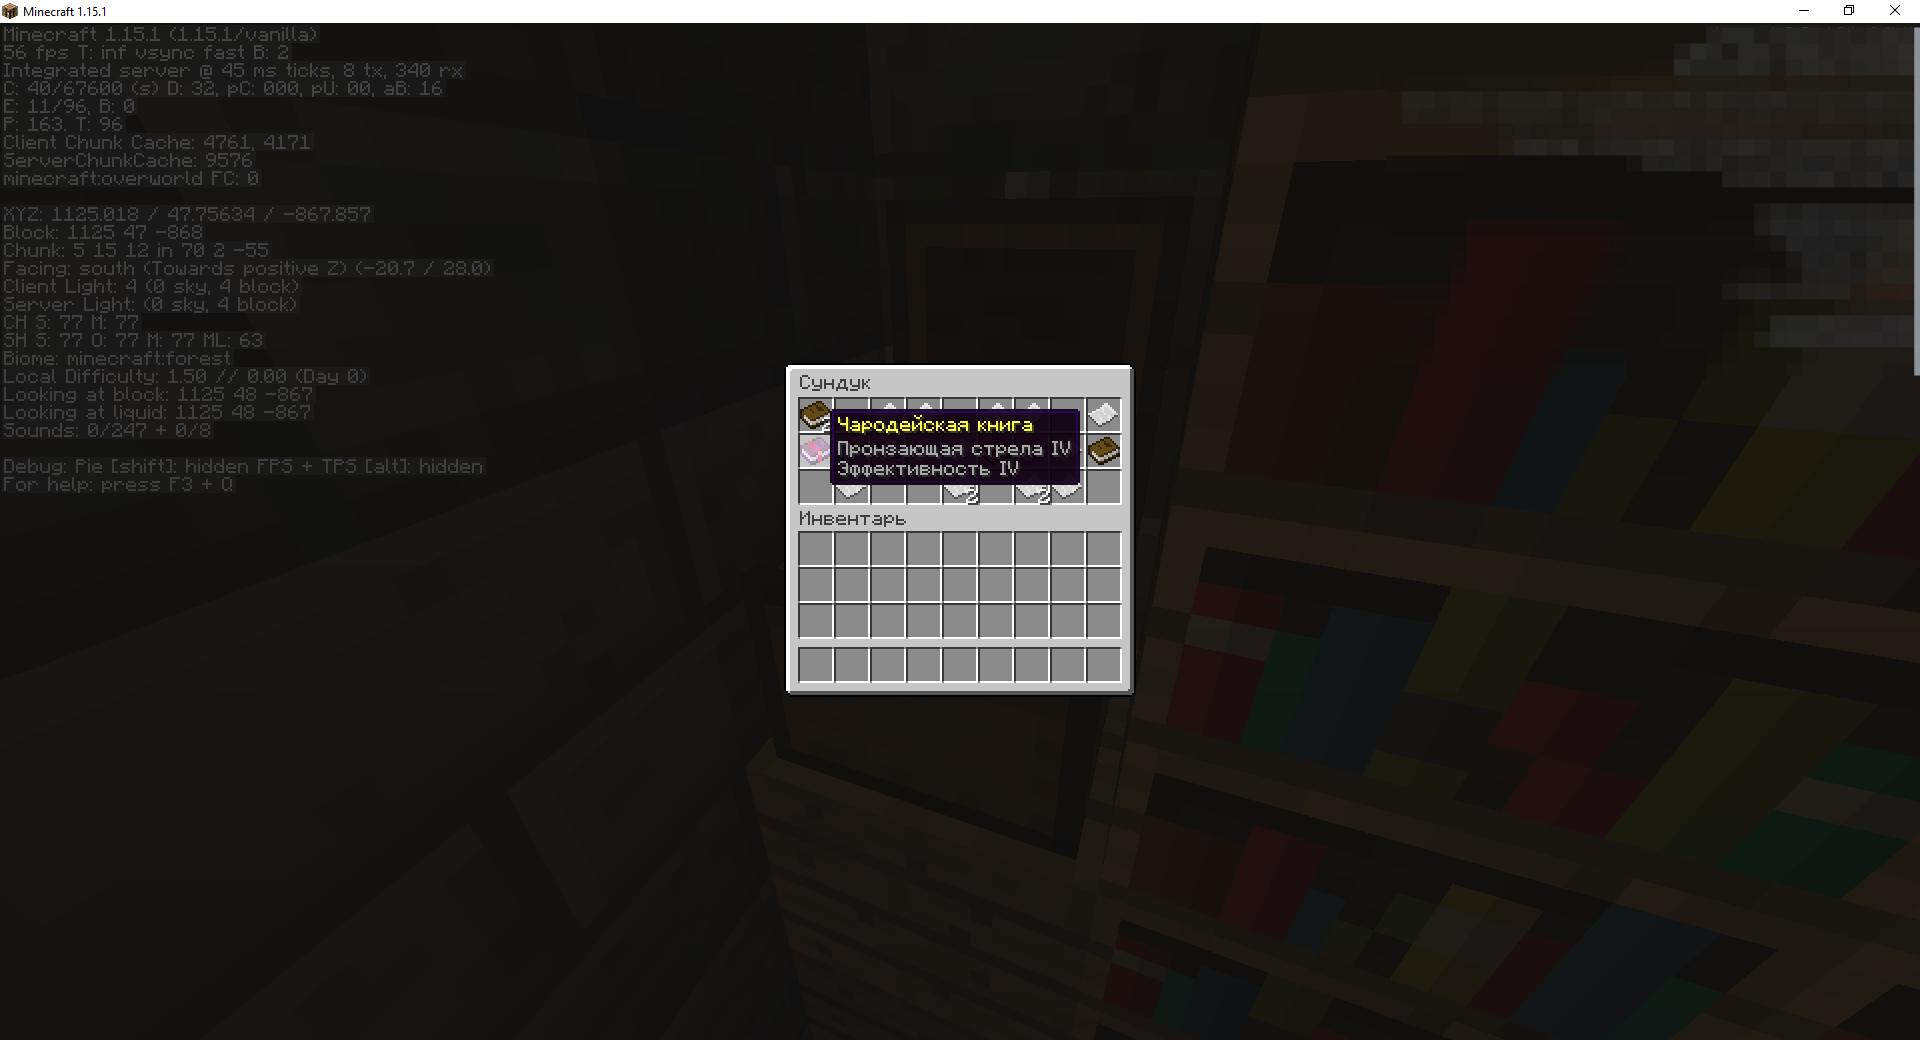 Сид «Подземная крепость ипортал вкрай» - скриншот 8